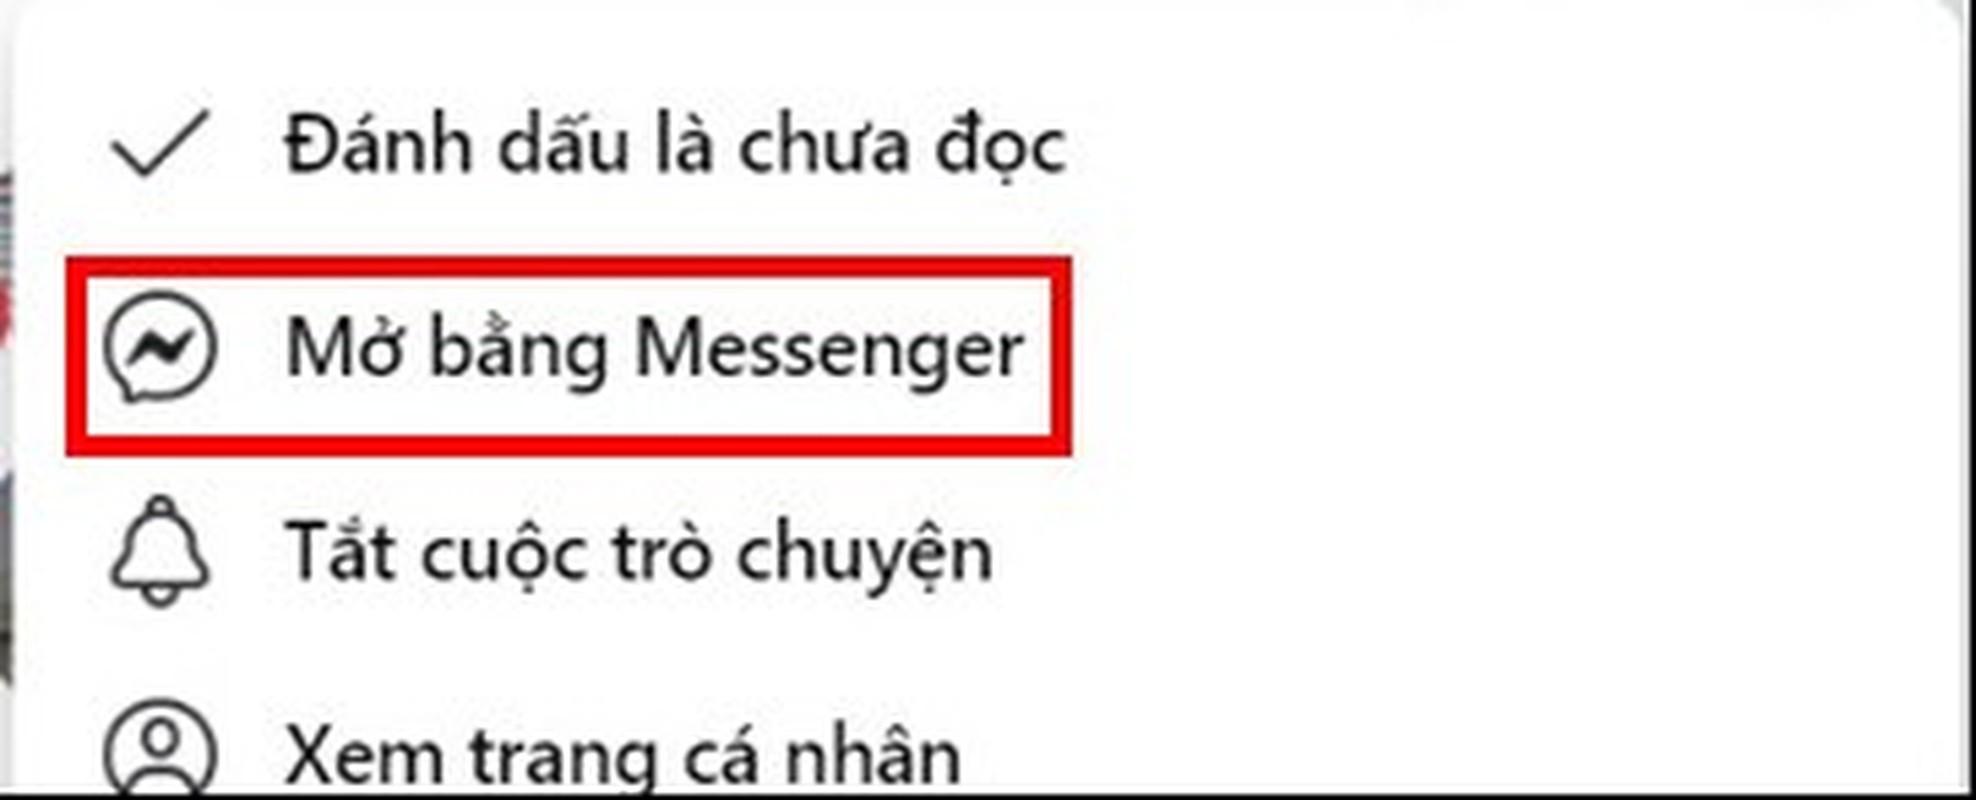 Meo tim tin nhan cu tren Facebook khong can keo chuot moi tay-Hinh-3